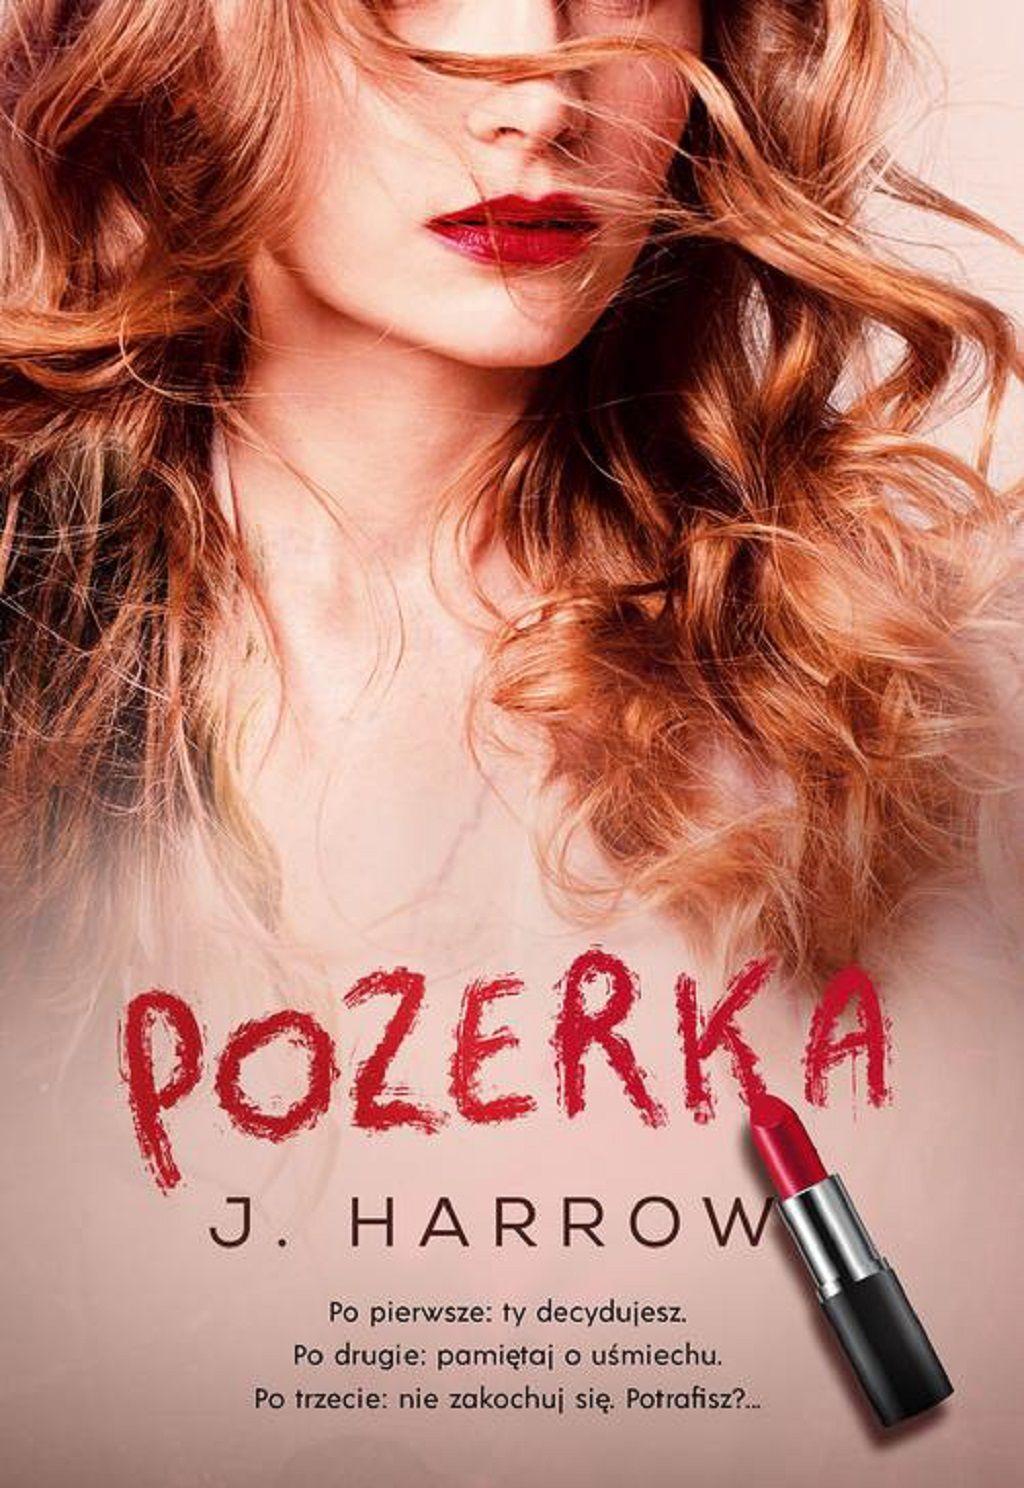 J. Harrow – Pozerka